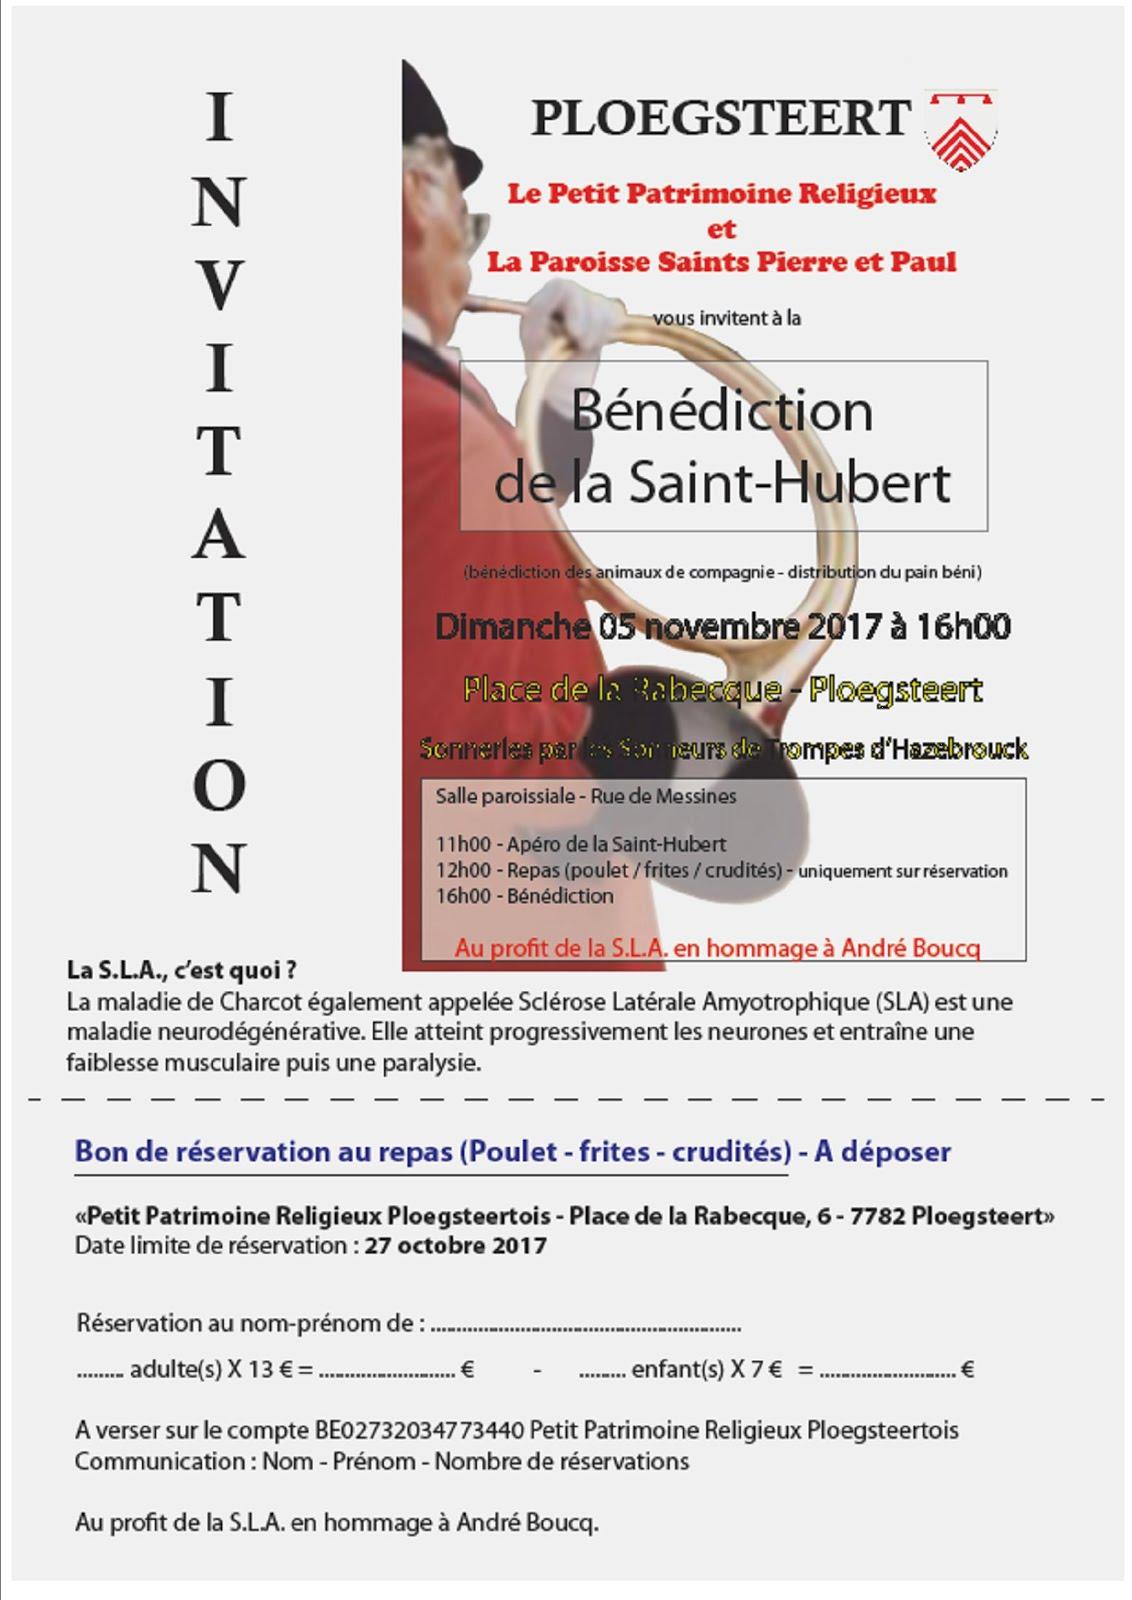 5 novembre repas et bénédictions Saint-Hubert